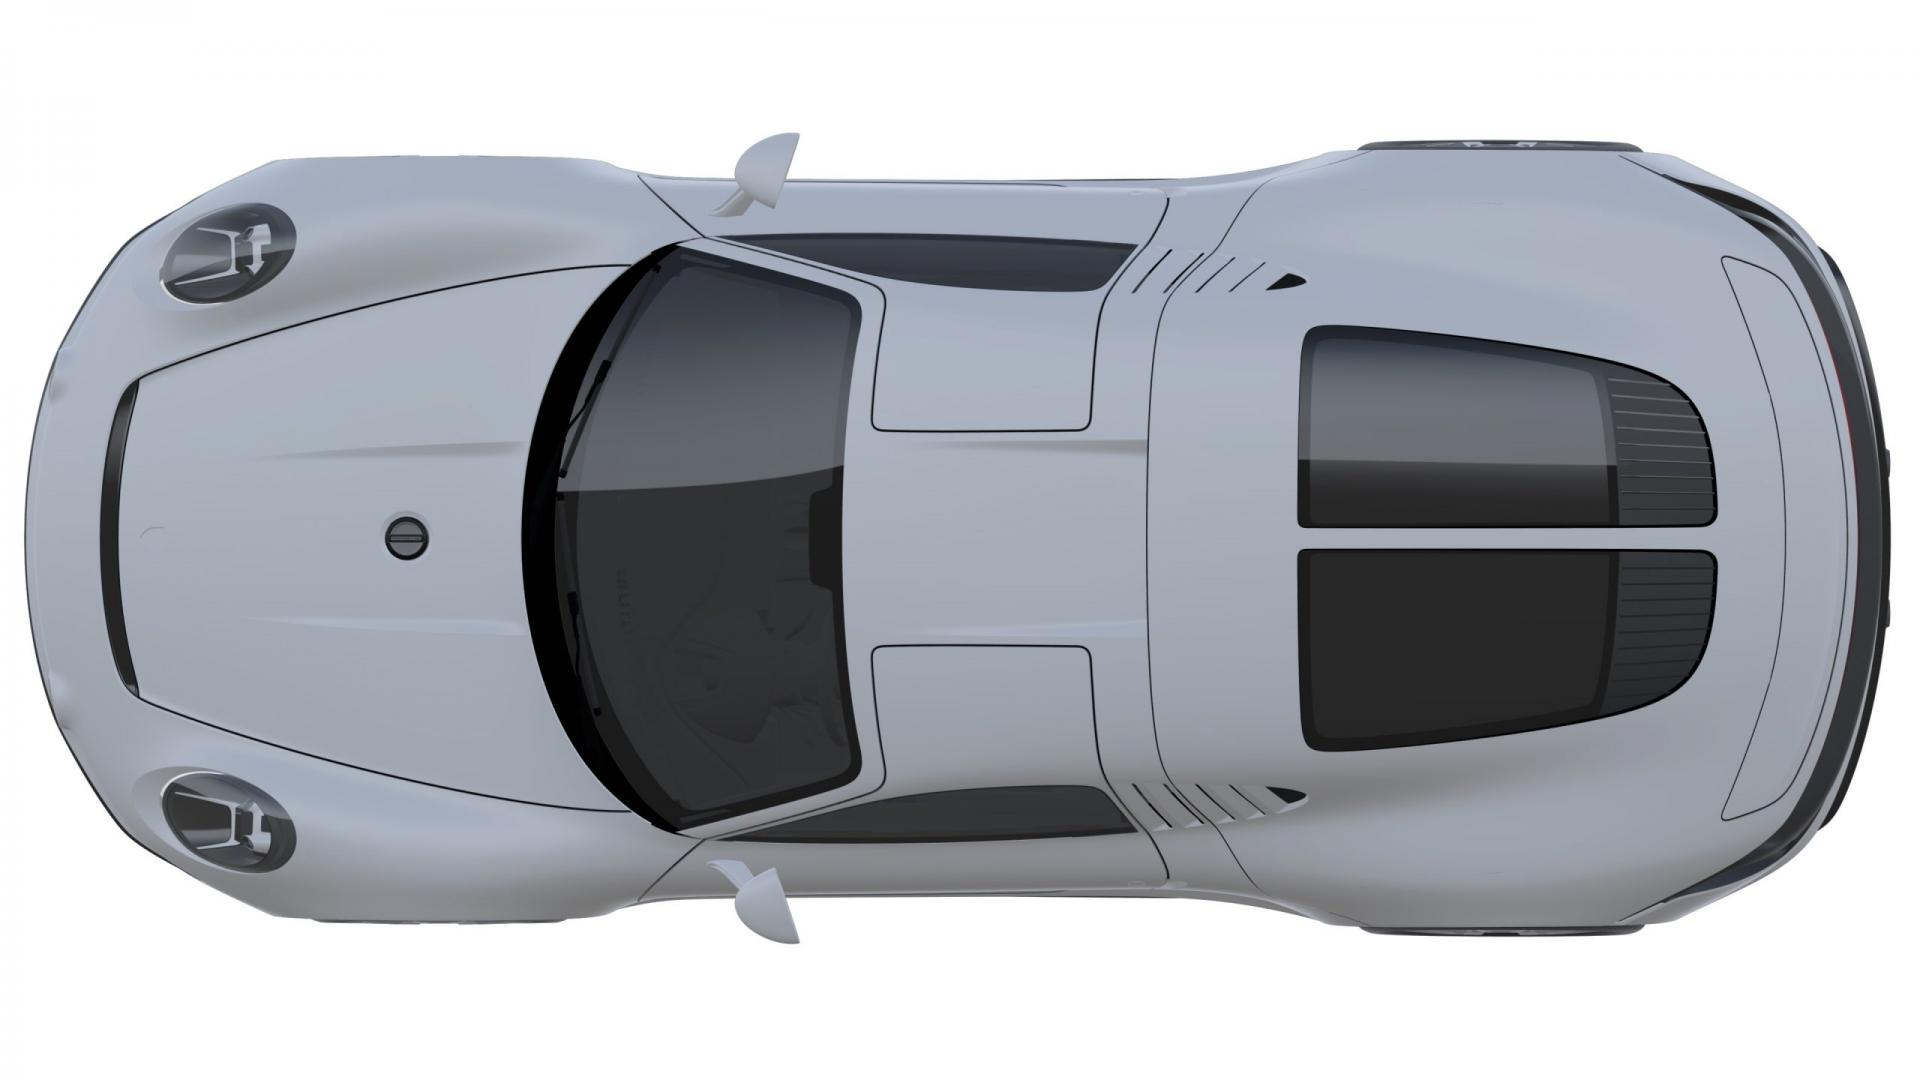 Patenttekeningen Porsche 550